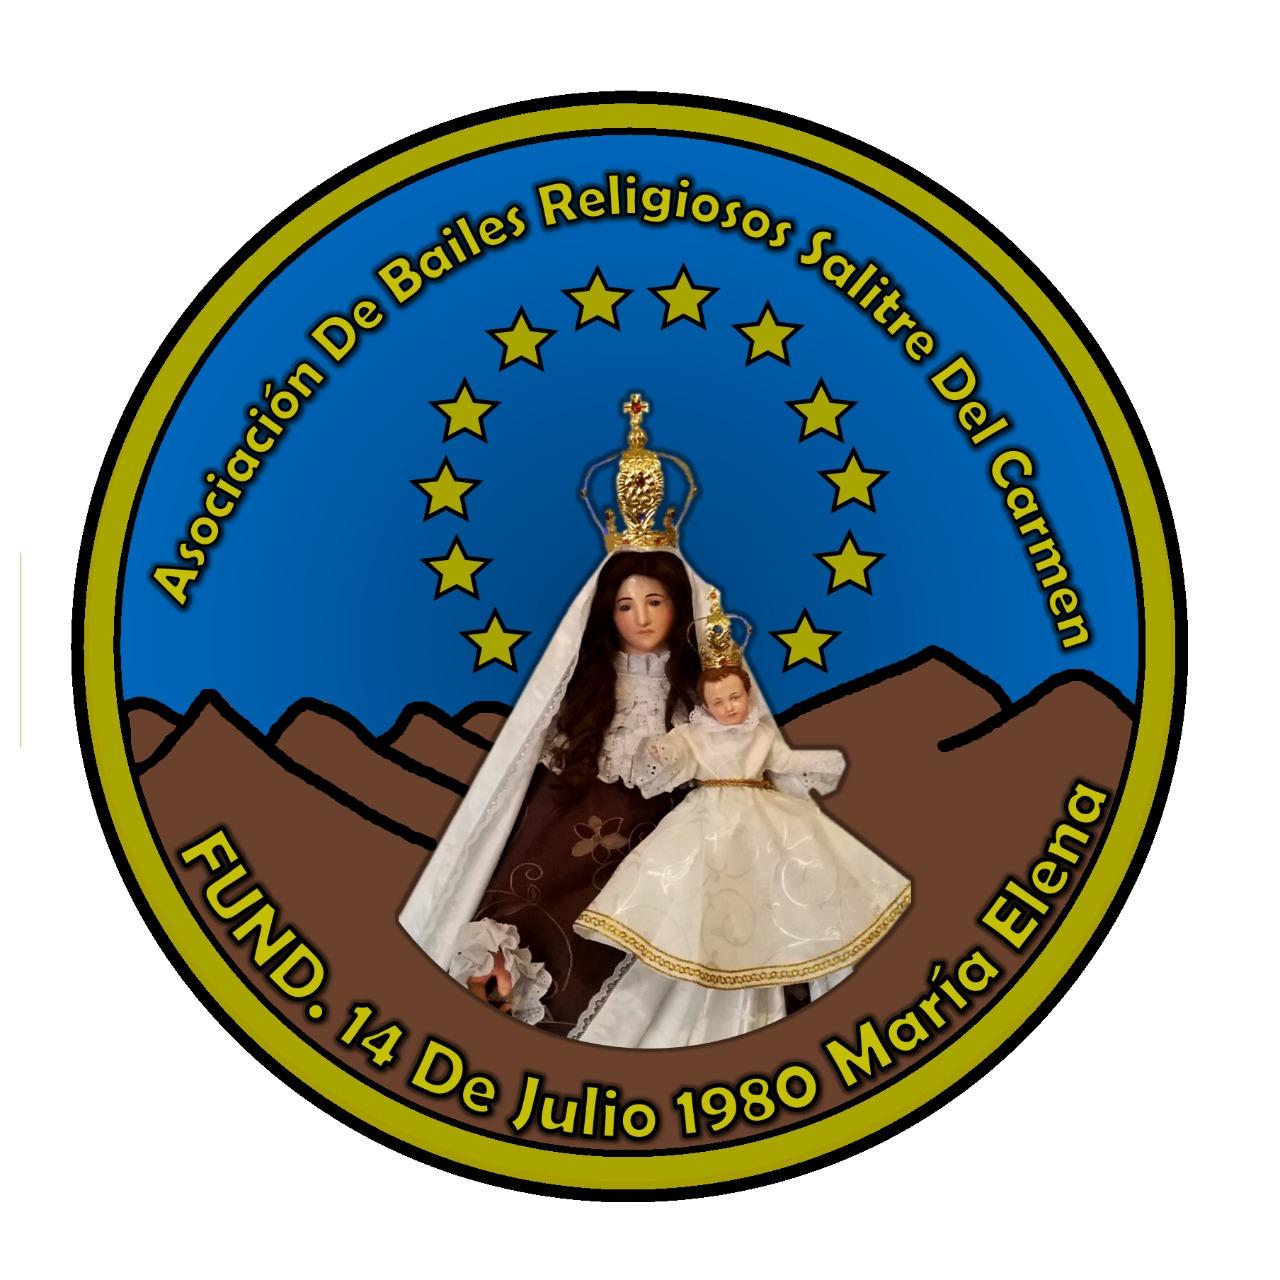 Asociación de Bailes Religiosos de María Elena